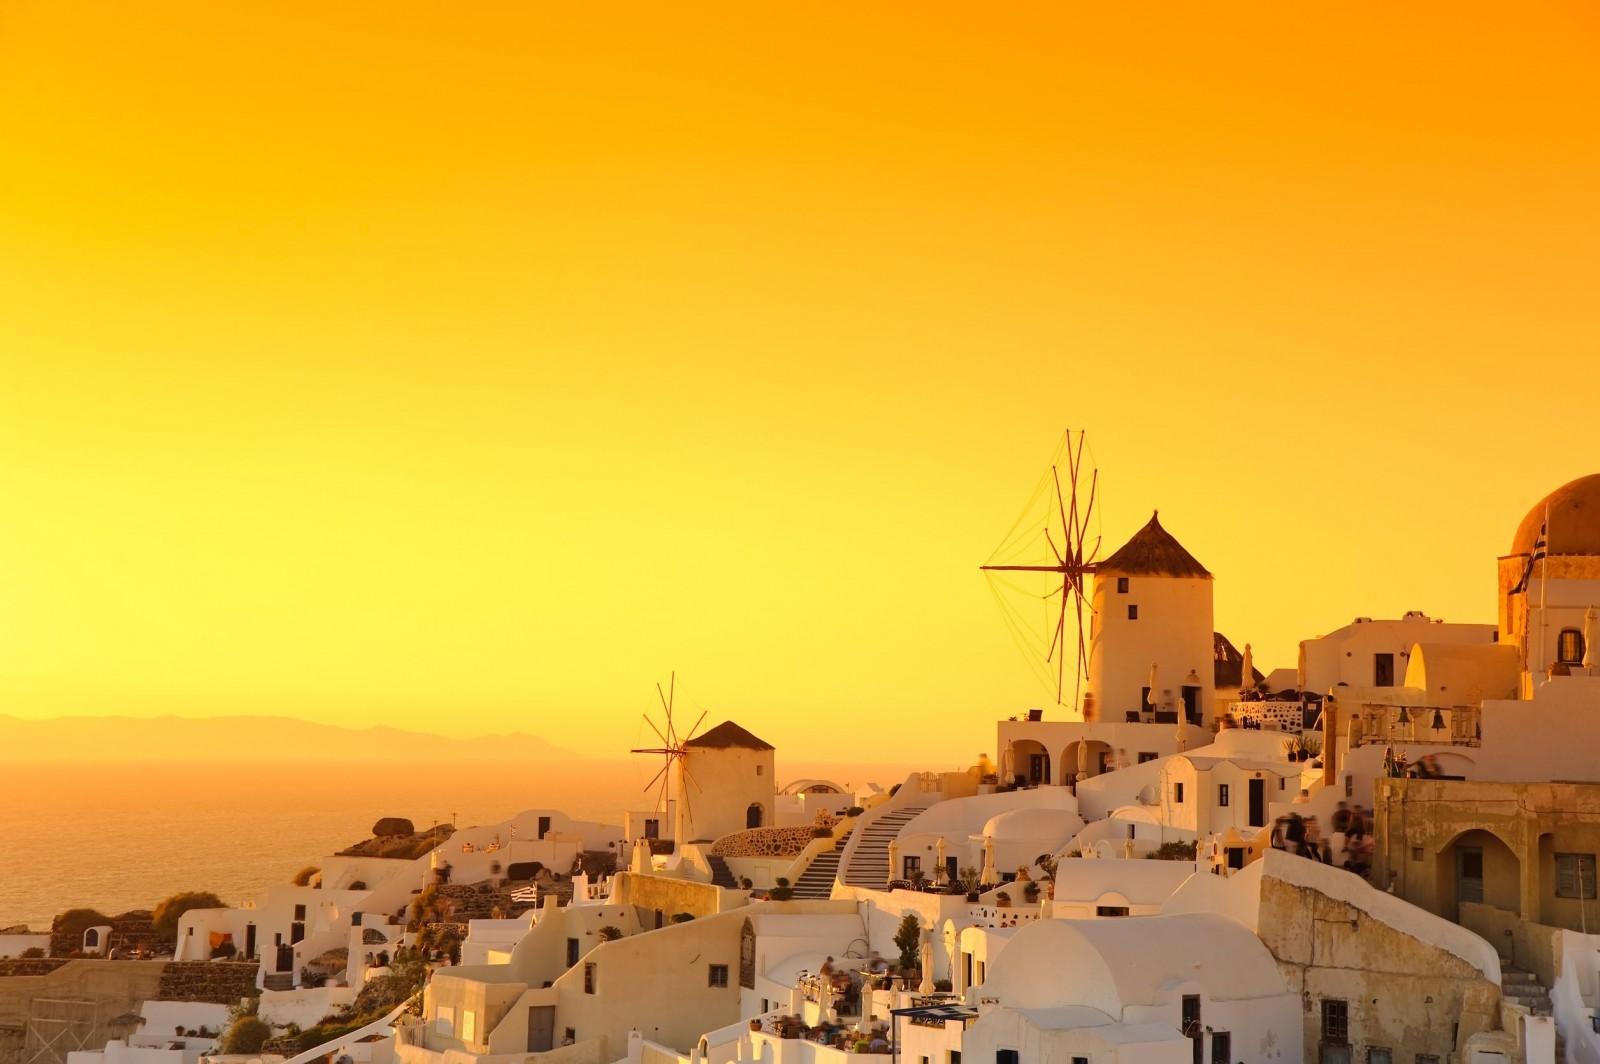 希腊伊亚小镇